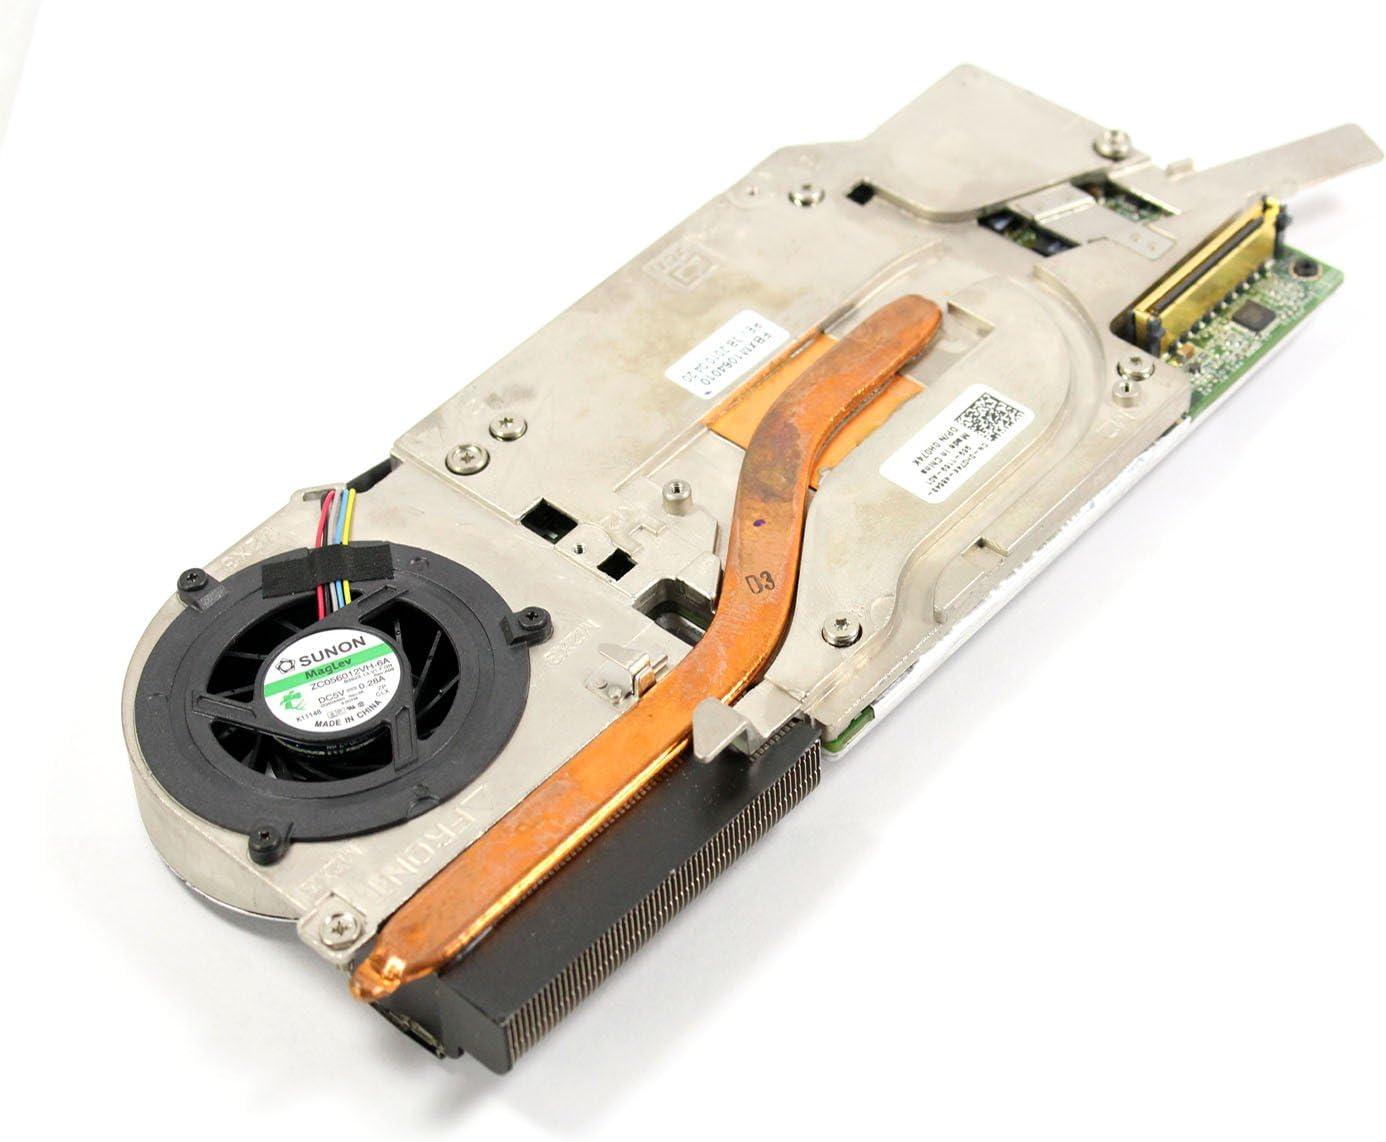 Dell H074K Nvidia Quadro FX2700m 512MB Video Card w/Fan Precision M6400 Graphics